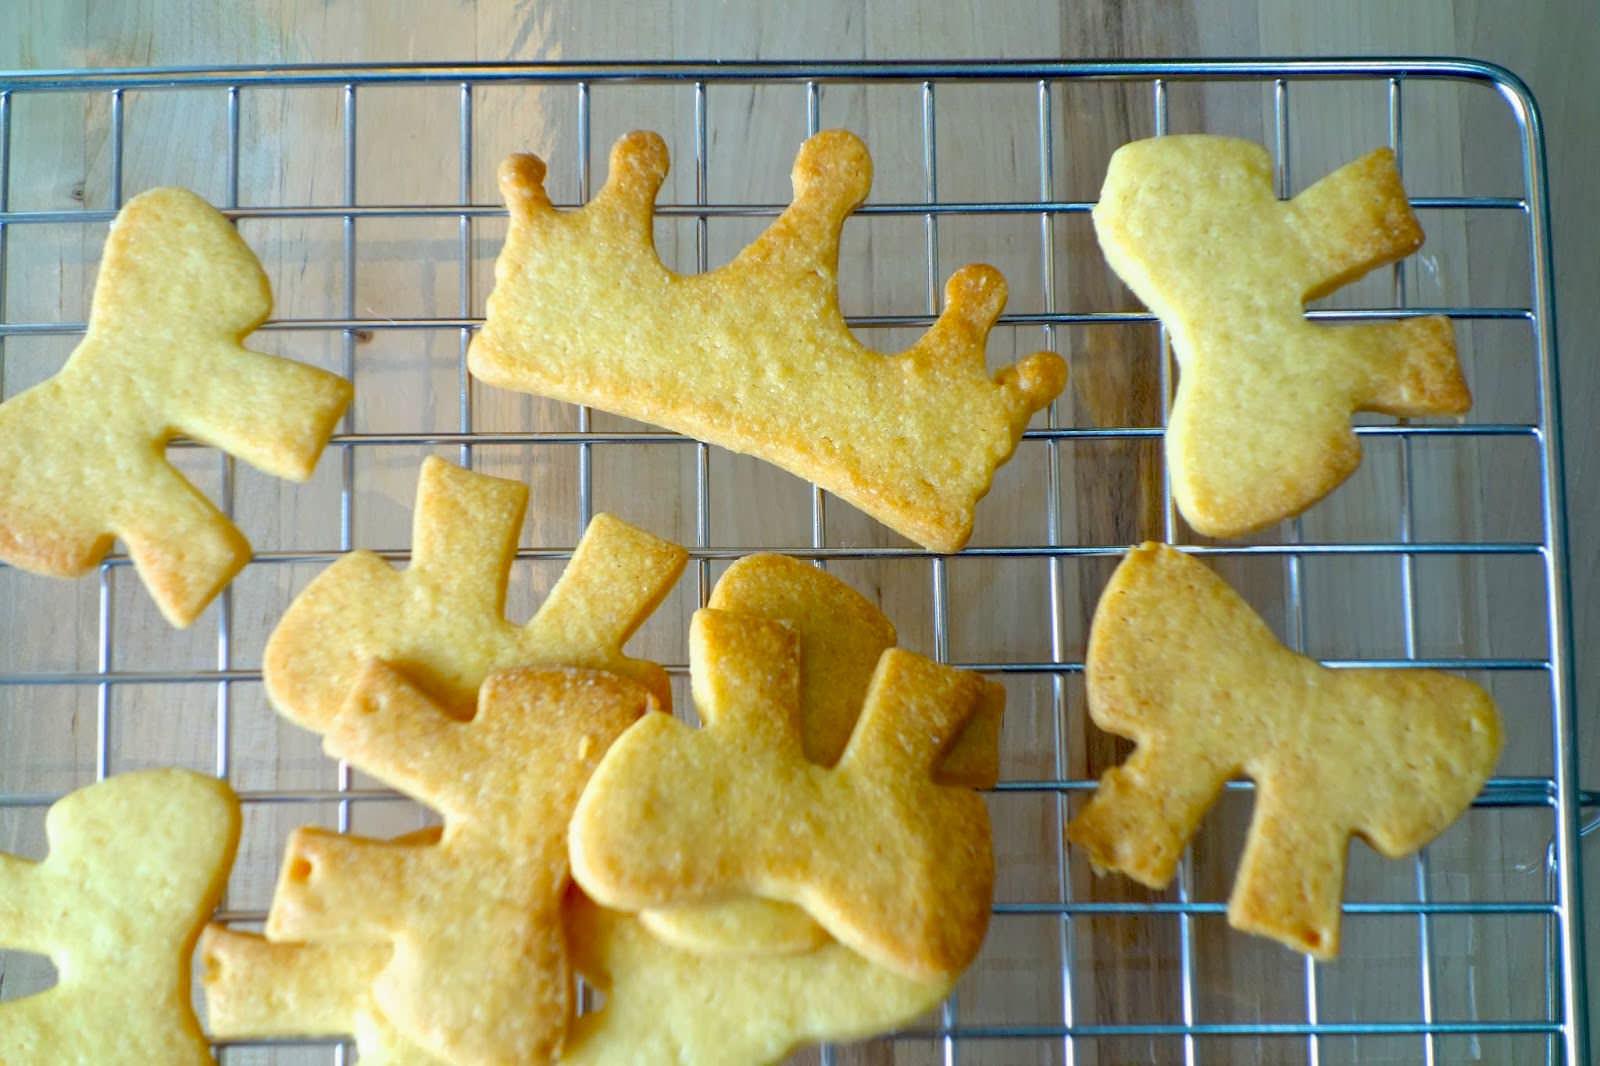 「可愛造型的壓模餅乾怎麼做?」教你第一次做餅乾就上手!